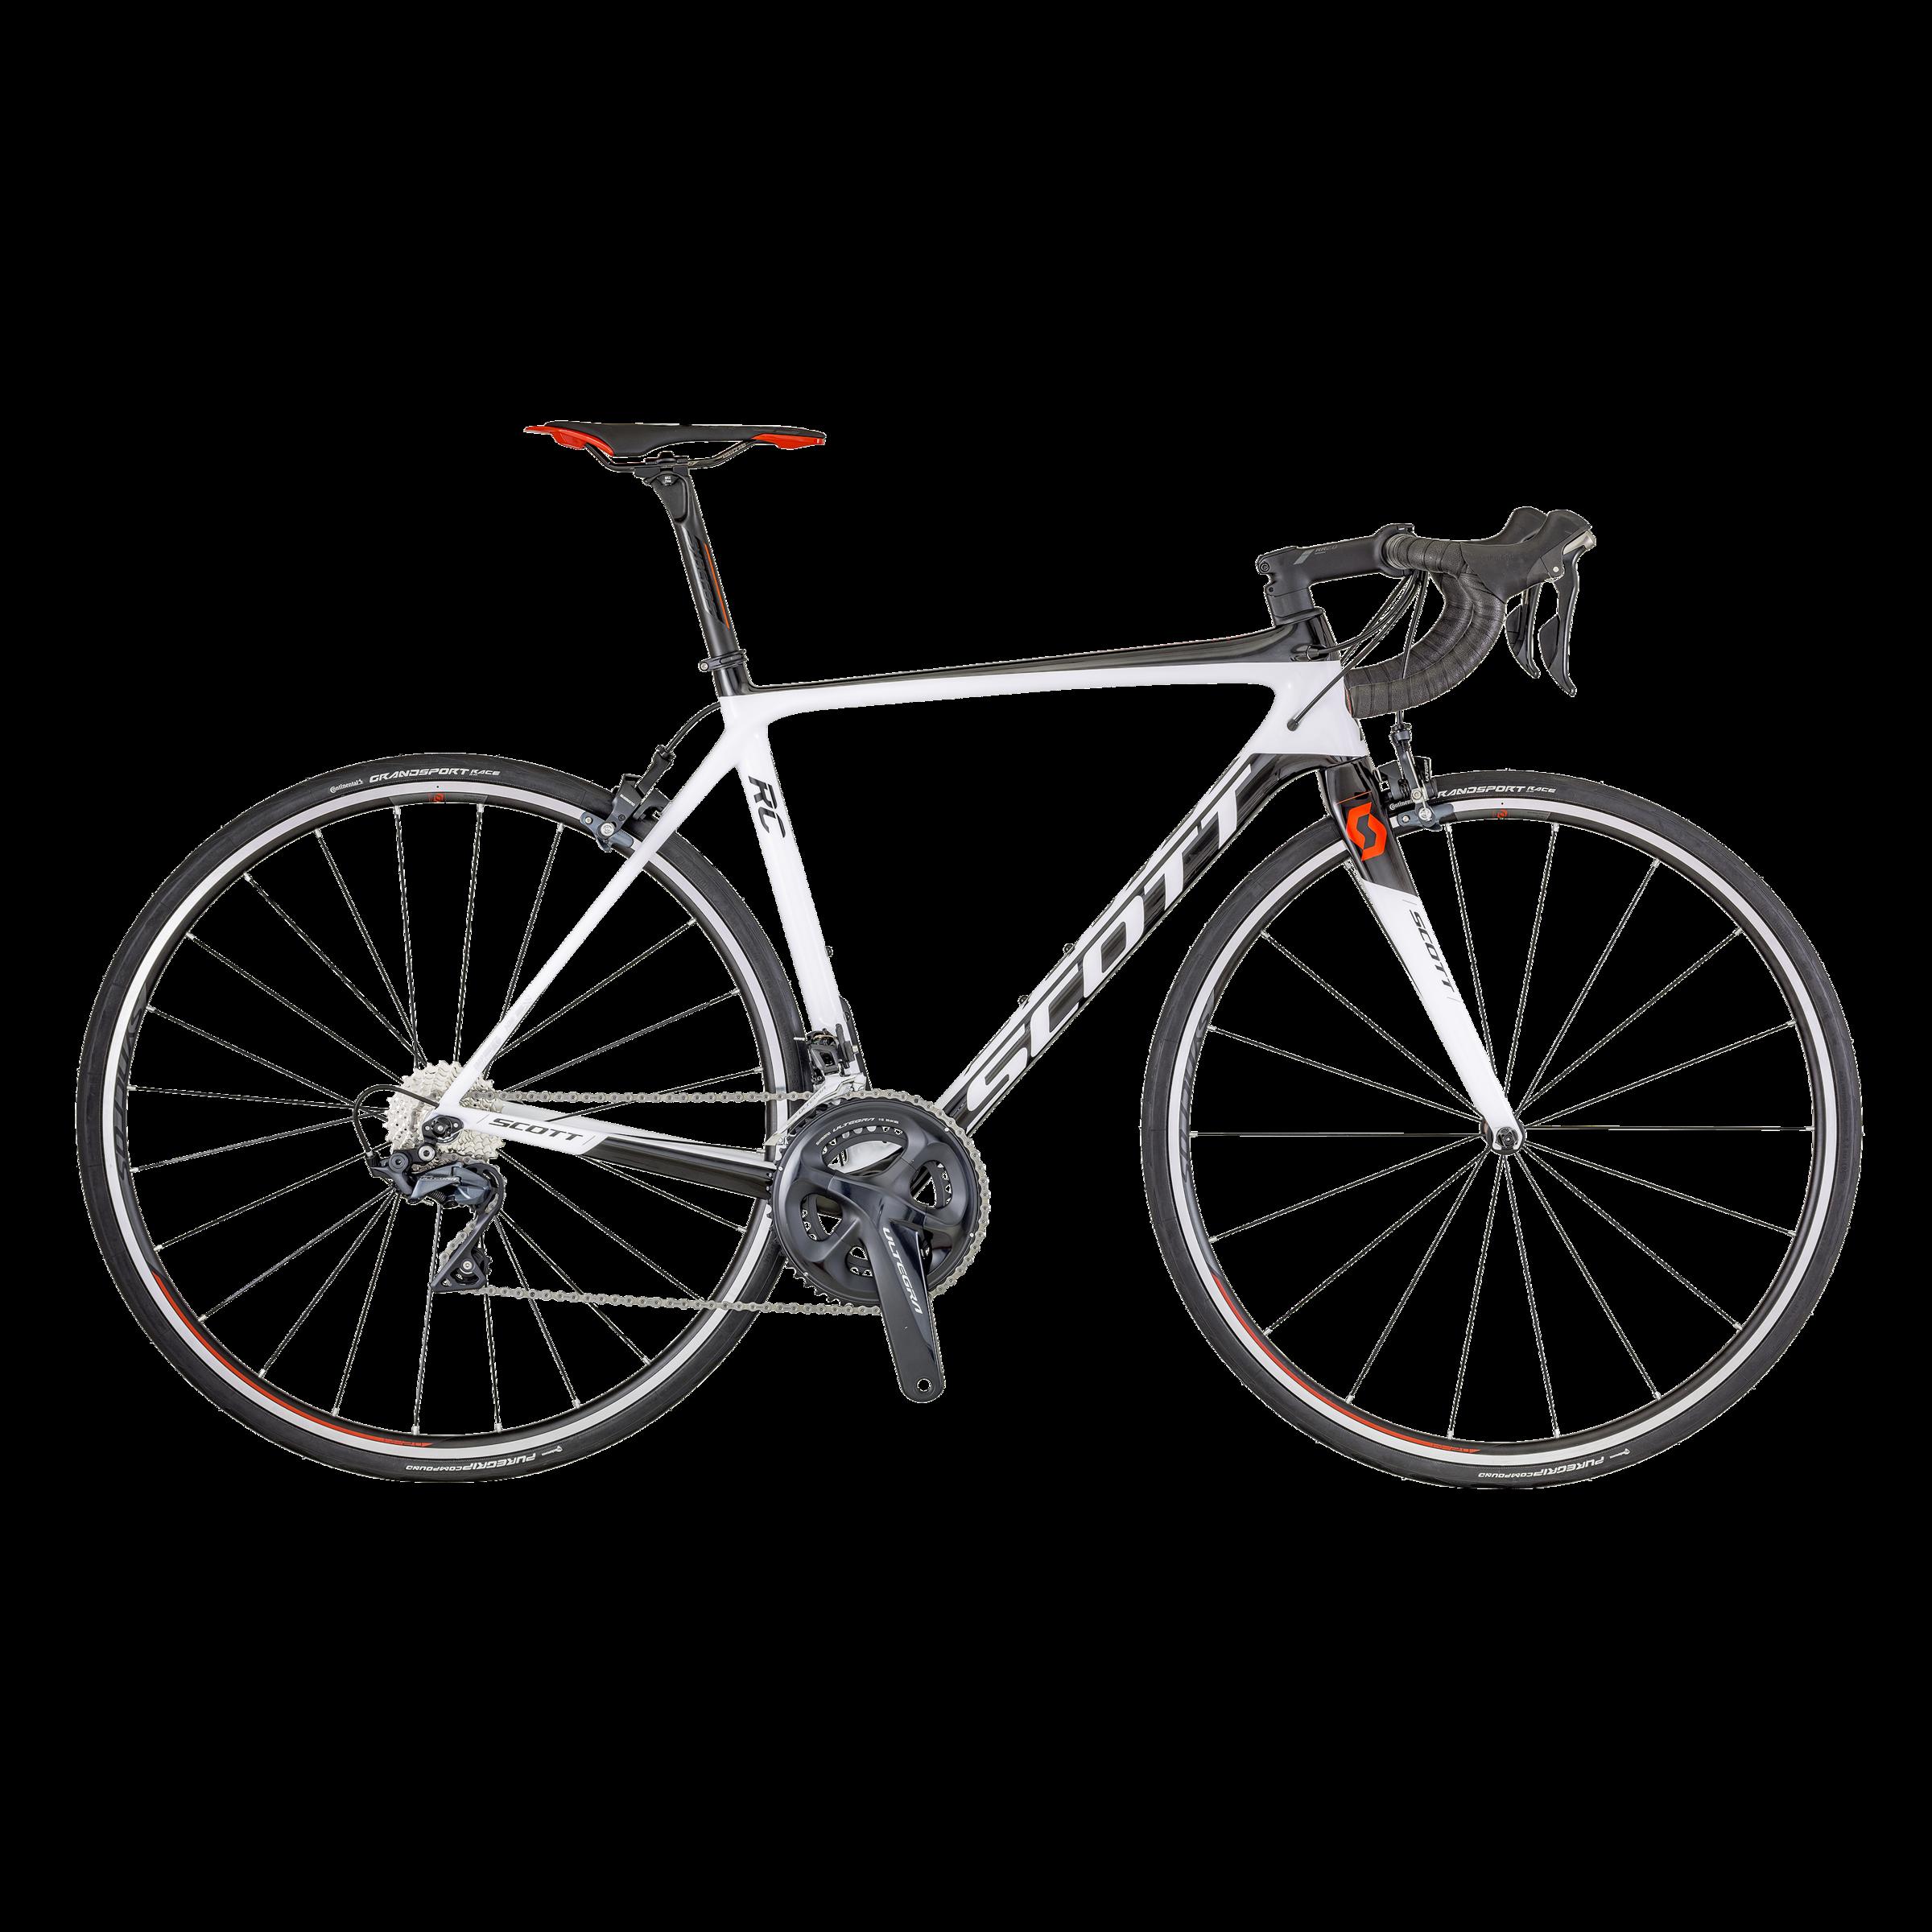 Scott Addict RC 20 - Pro Cyclery